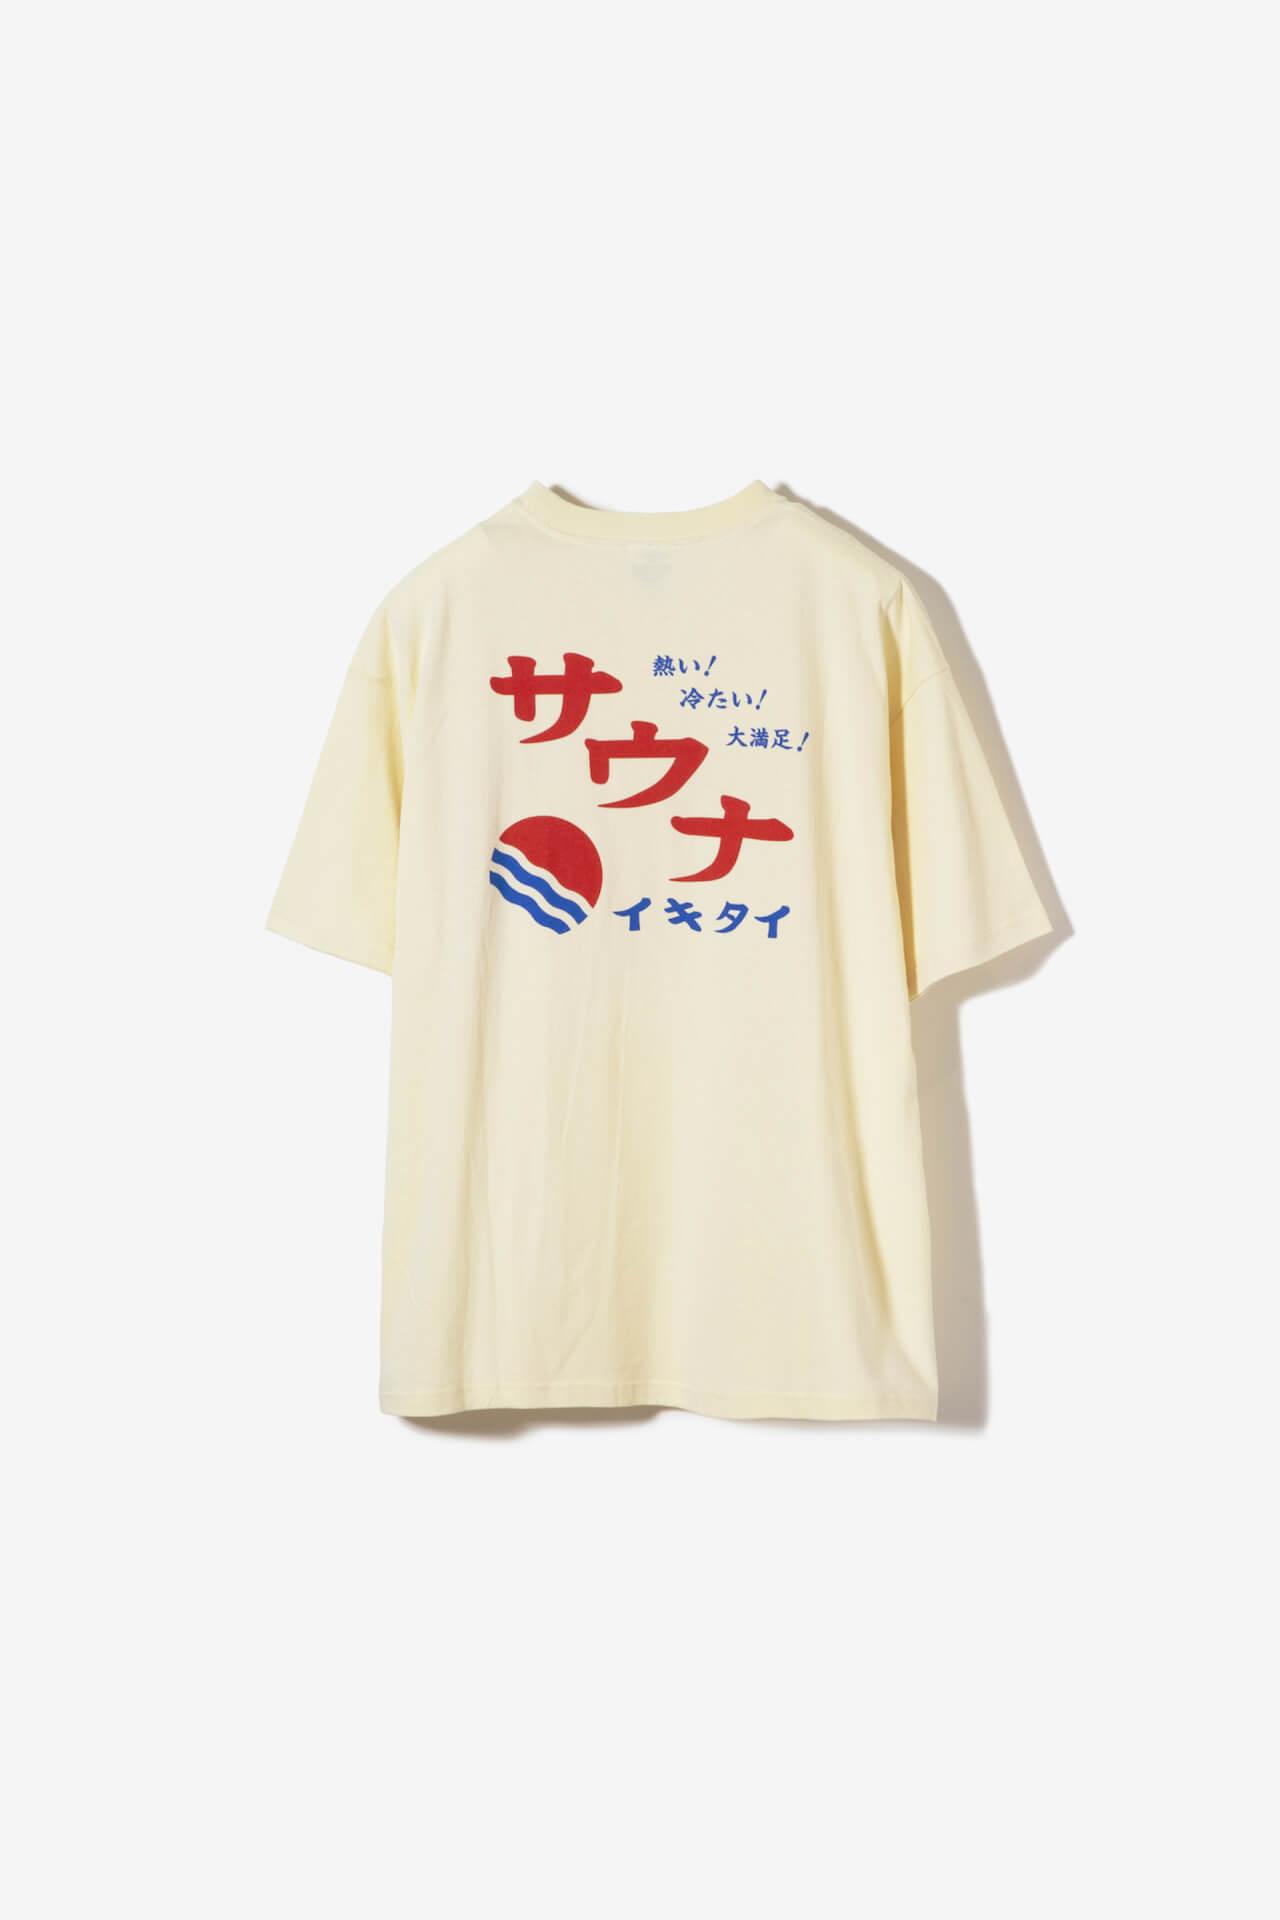 サウナイキタイのサウナグッズ2021年夏バージョンが発売!ペリカンシャツ、サコッシュなど5アイテムが登場 life210729_saunaikitai_8